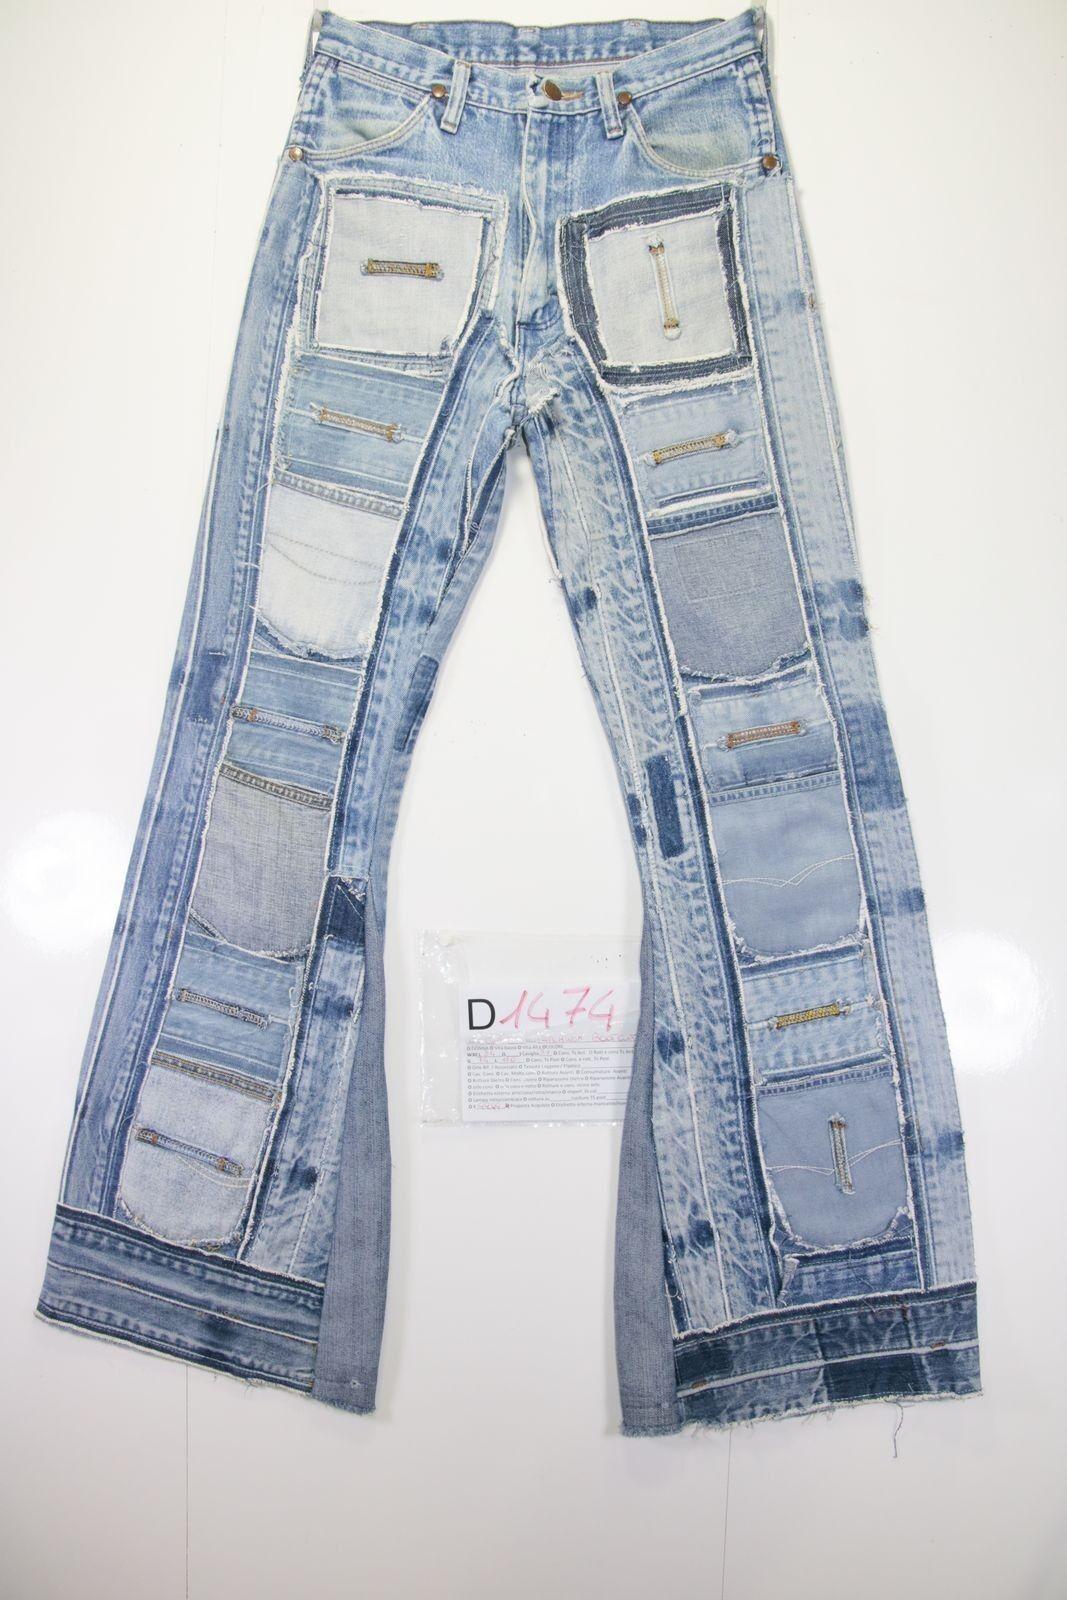 Wrangler patchwor bootcut (Cod. D1474) Tg.44  W30 L34  jeans usato vintage